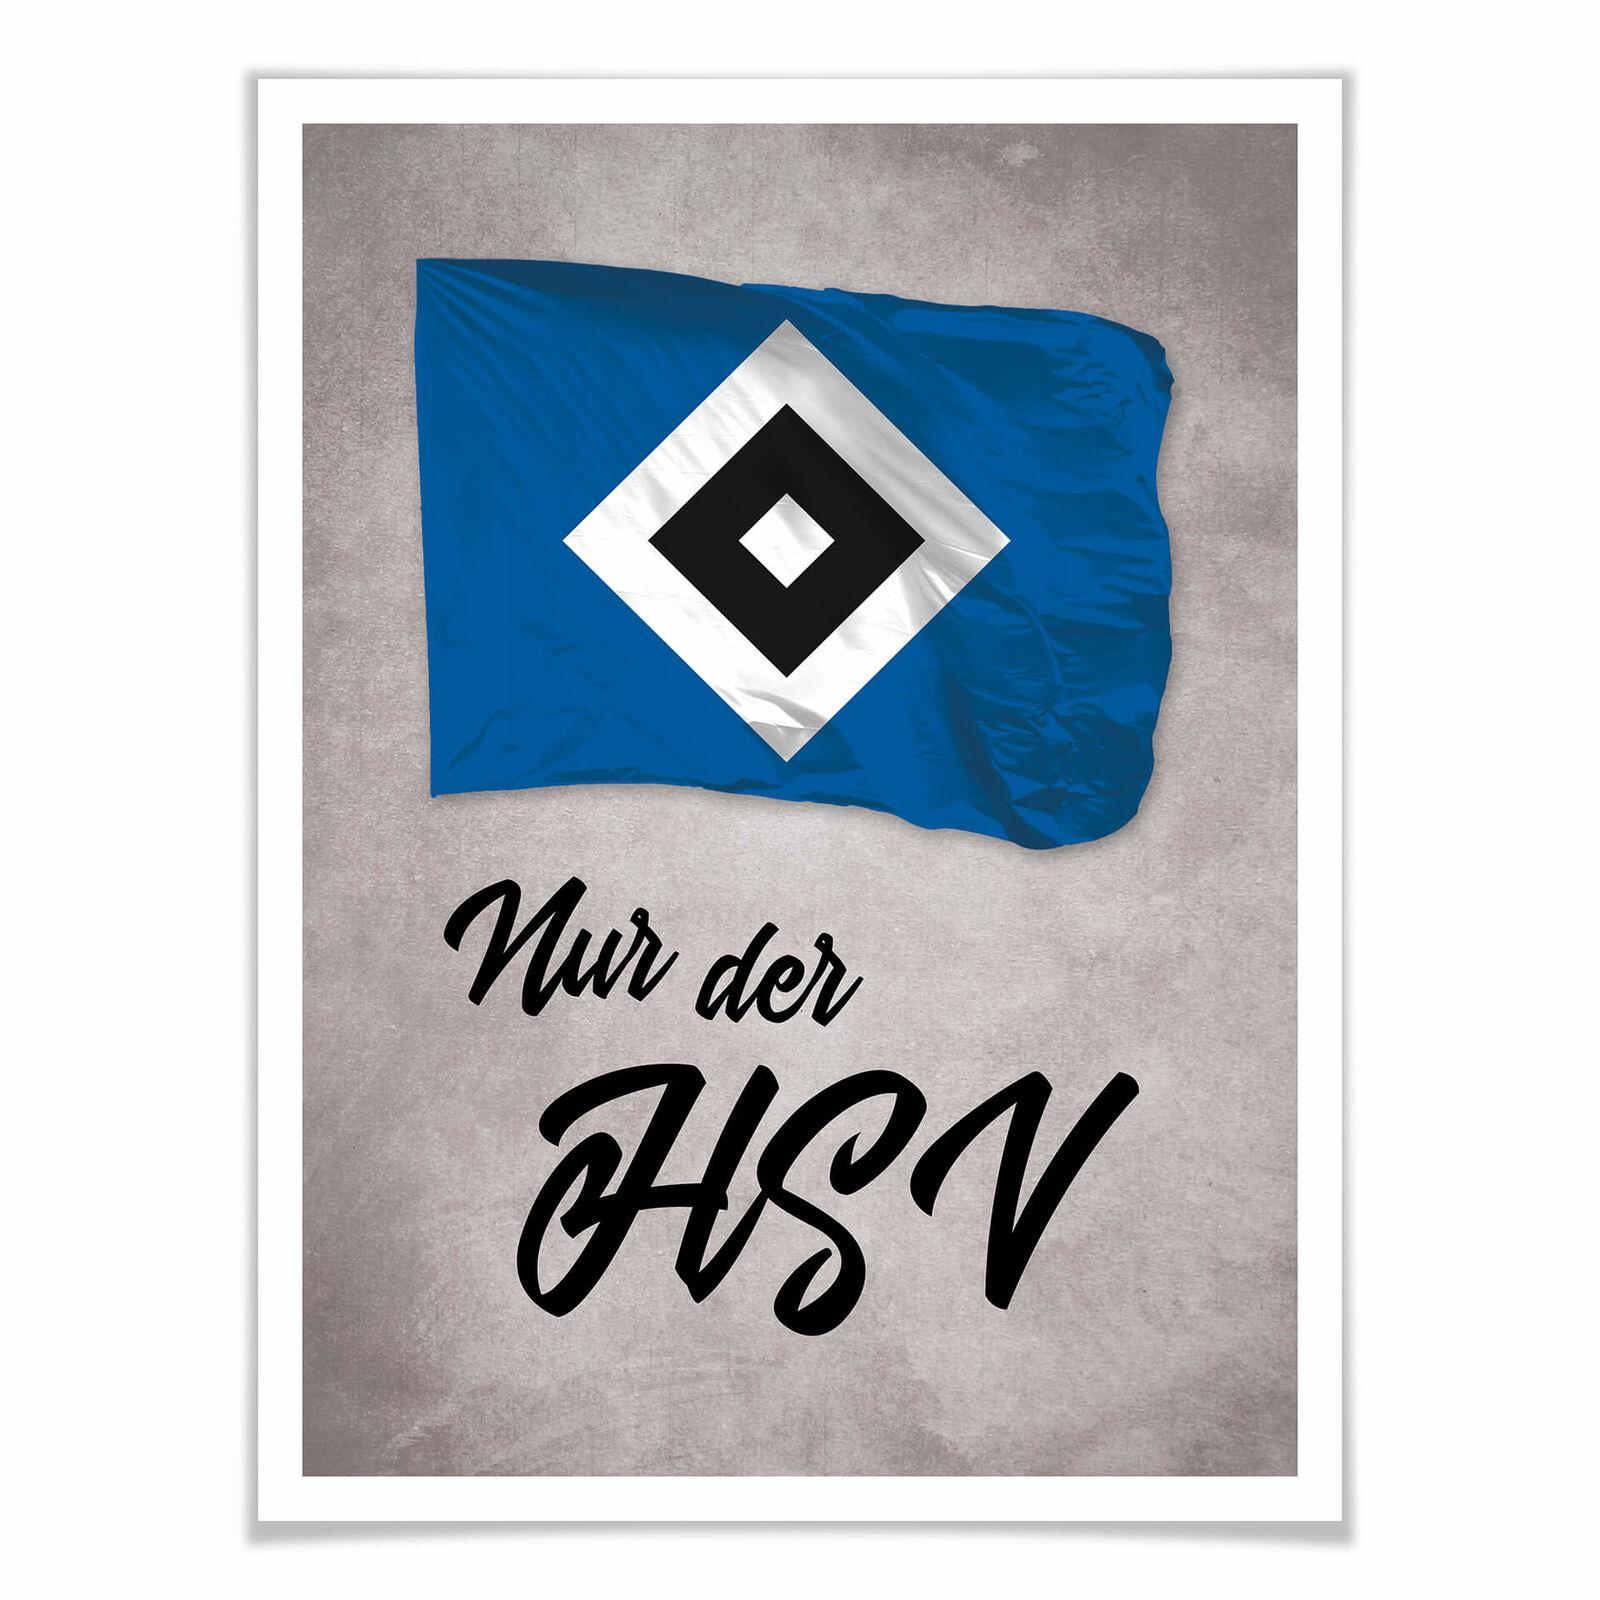 Poster Nur der HSV HSV HSV 02 1be070